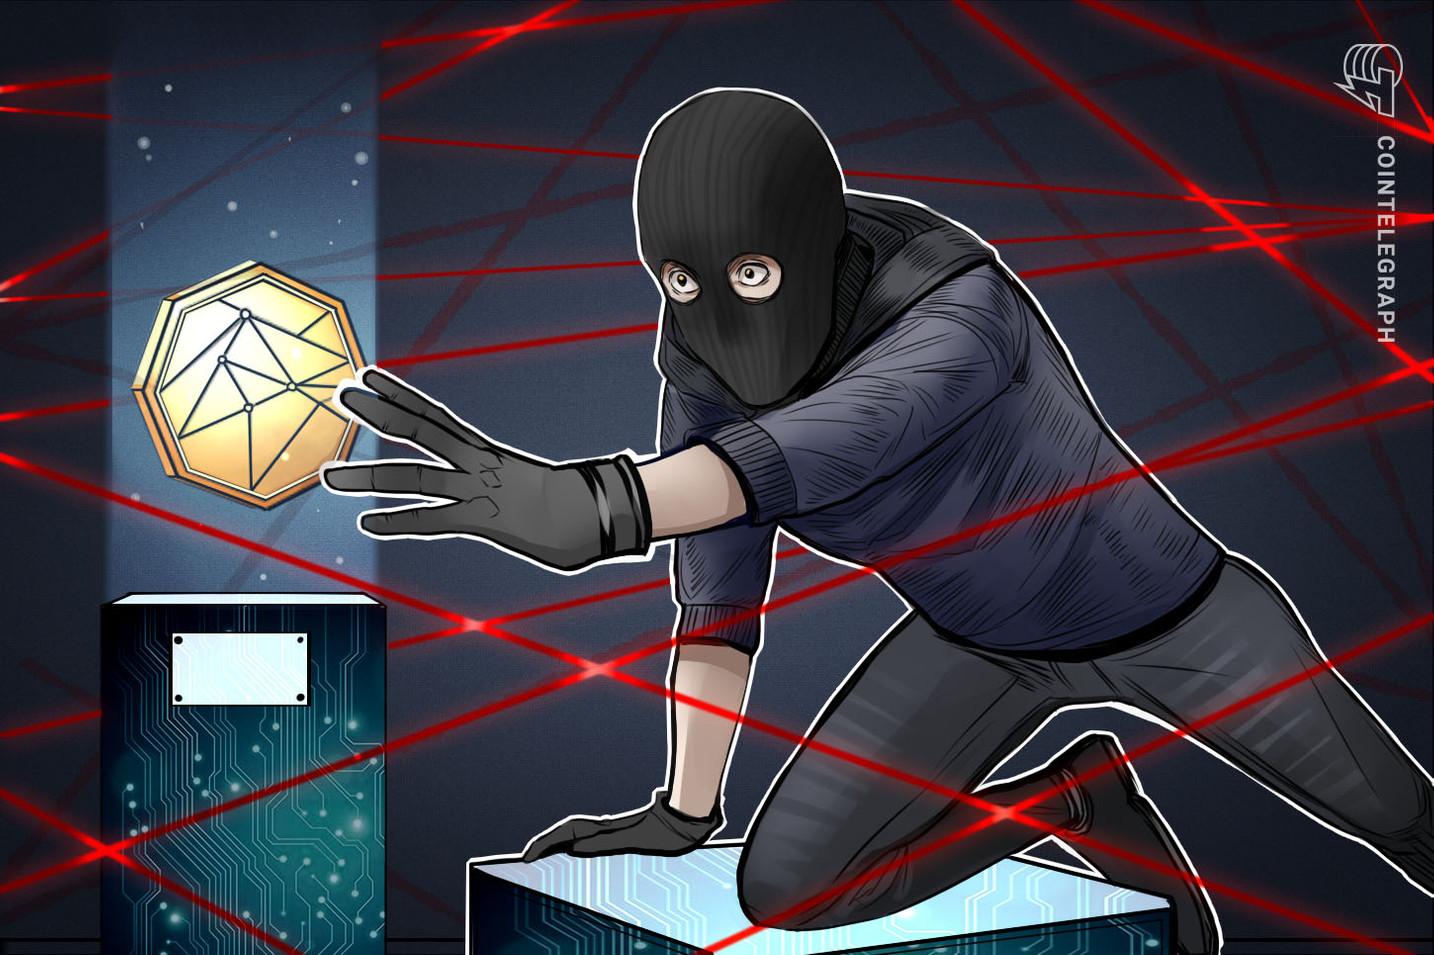 """سنغافورة: بورصة العملات المشفرة """"دراغون إكس"""" تفيد تعرضها لاختراق لكلٍ من المنصة وأصول المستخدمين"""